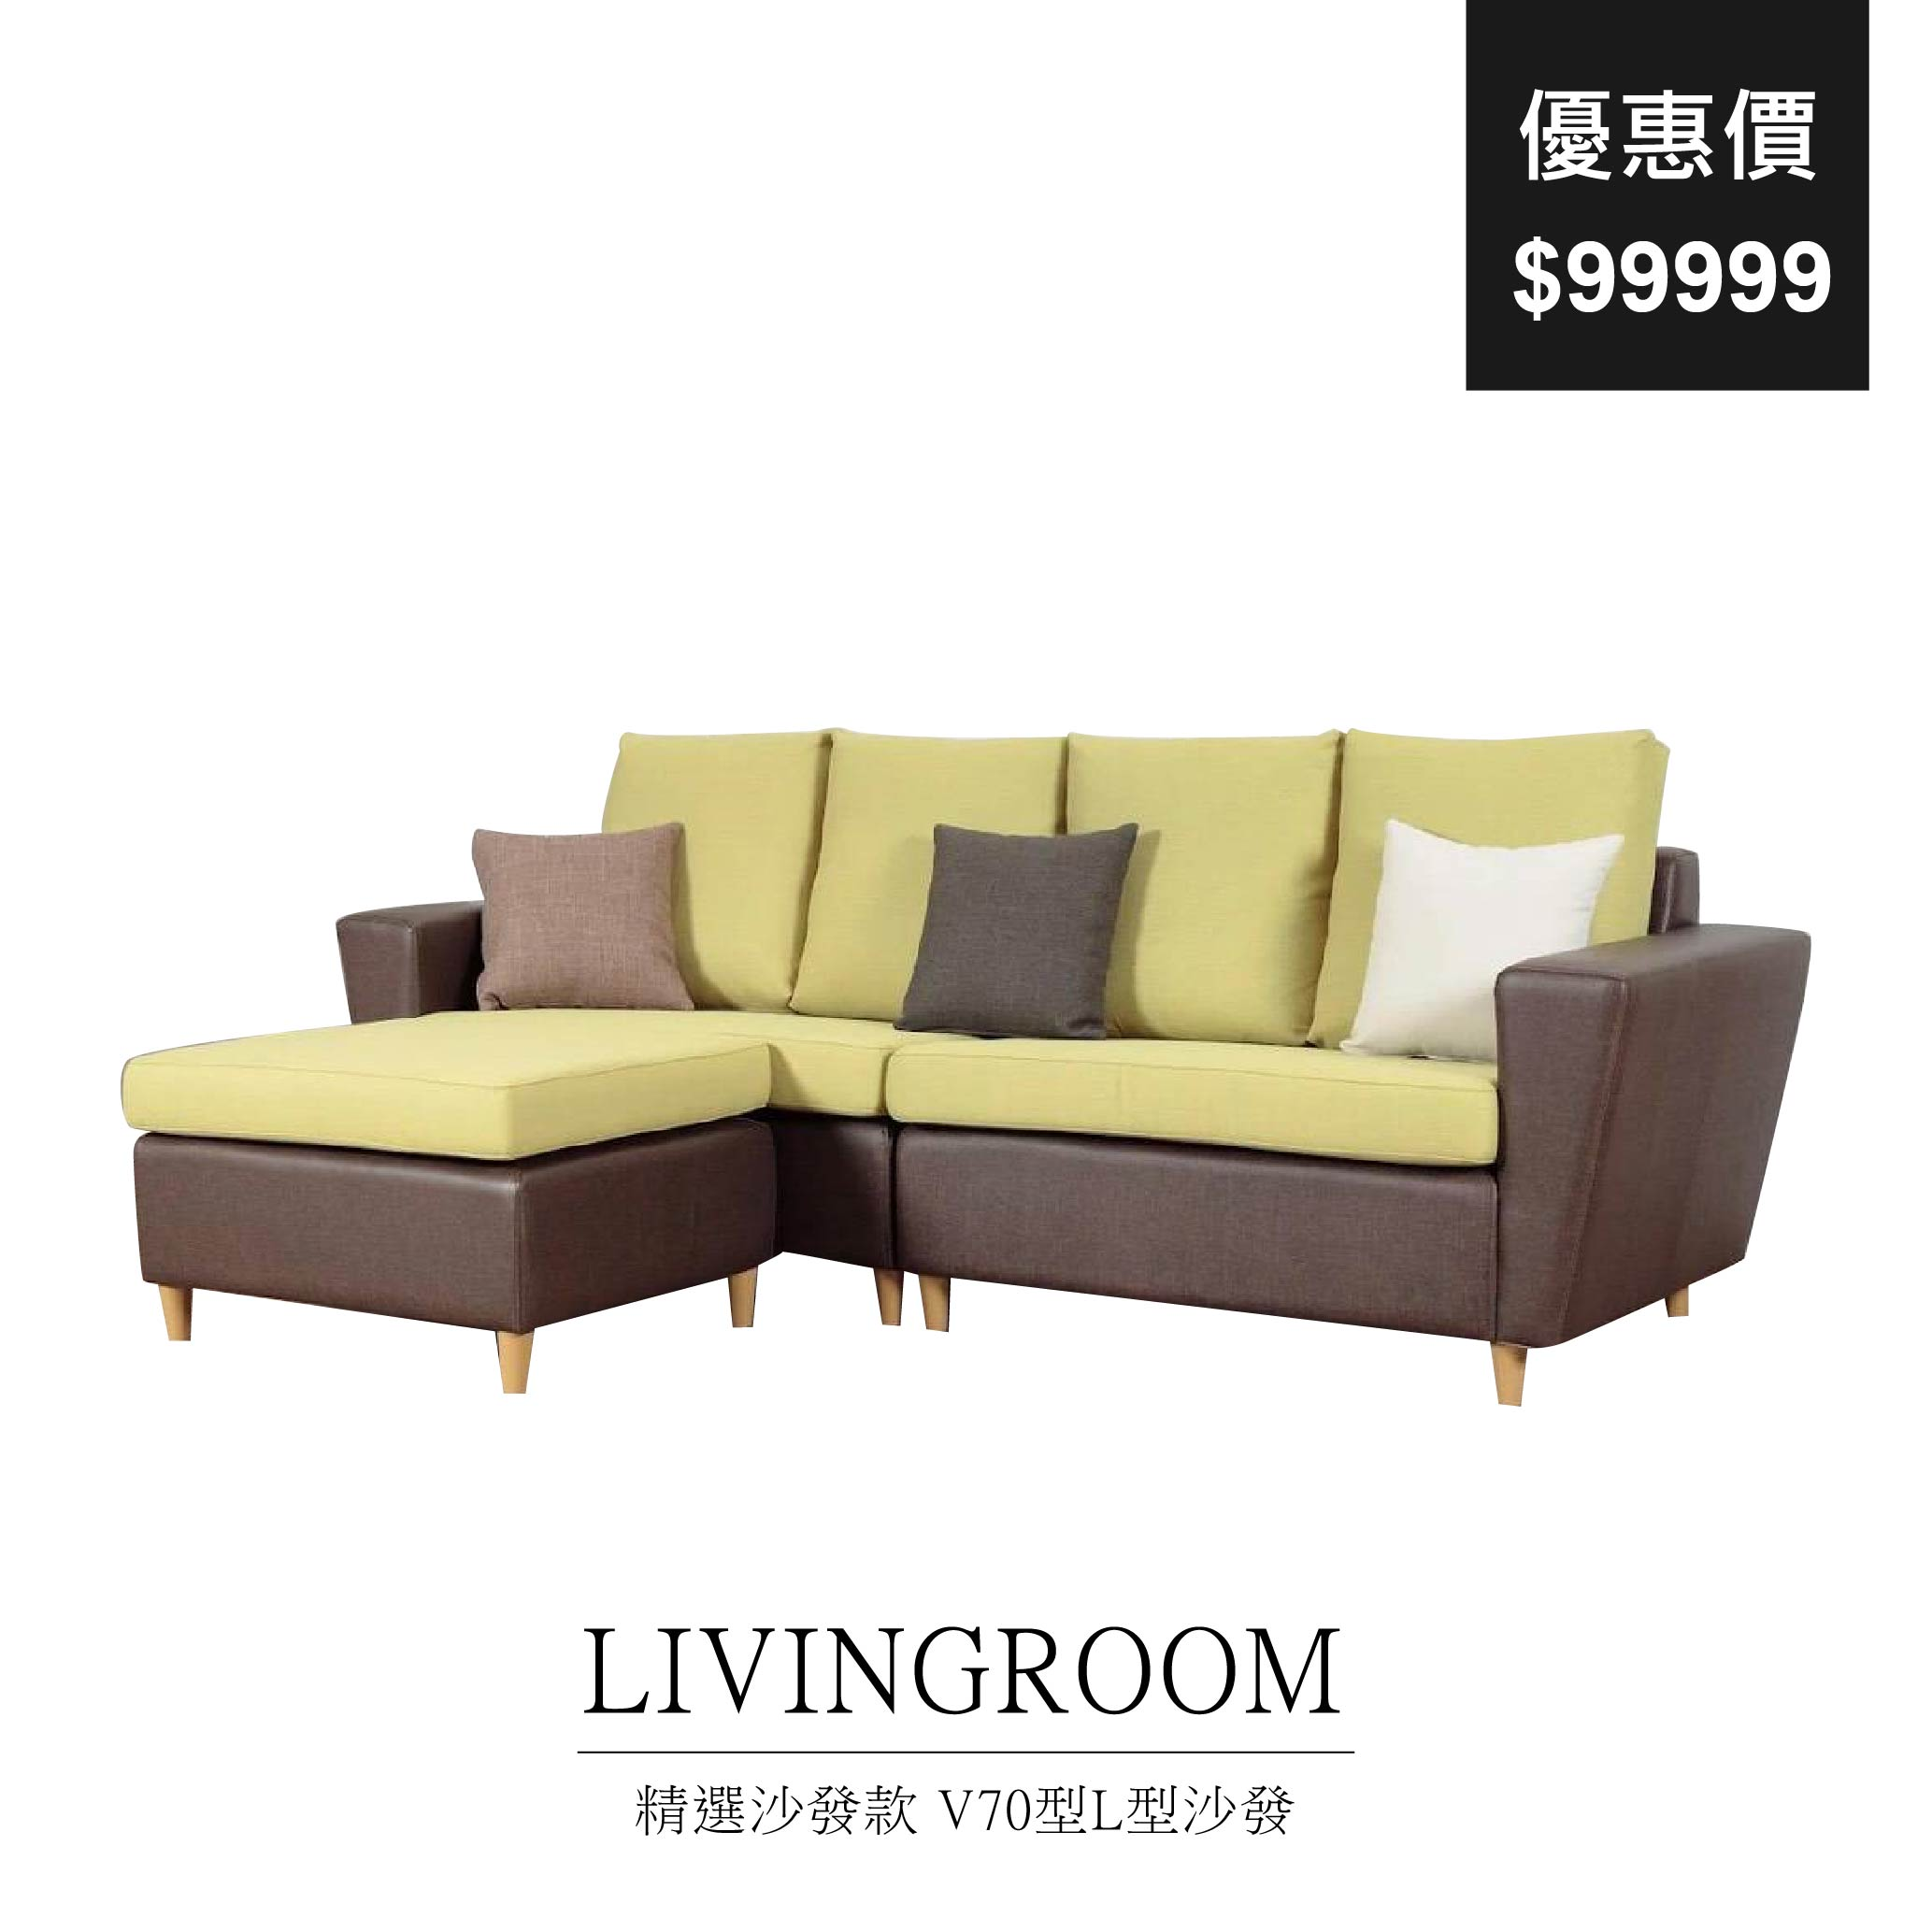 精選沙發款 V70型L型沙發